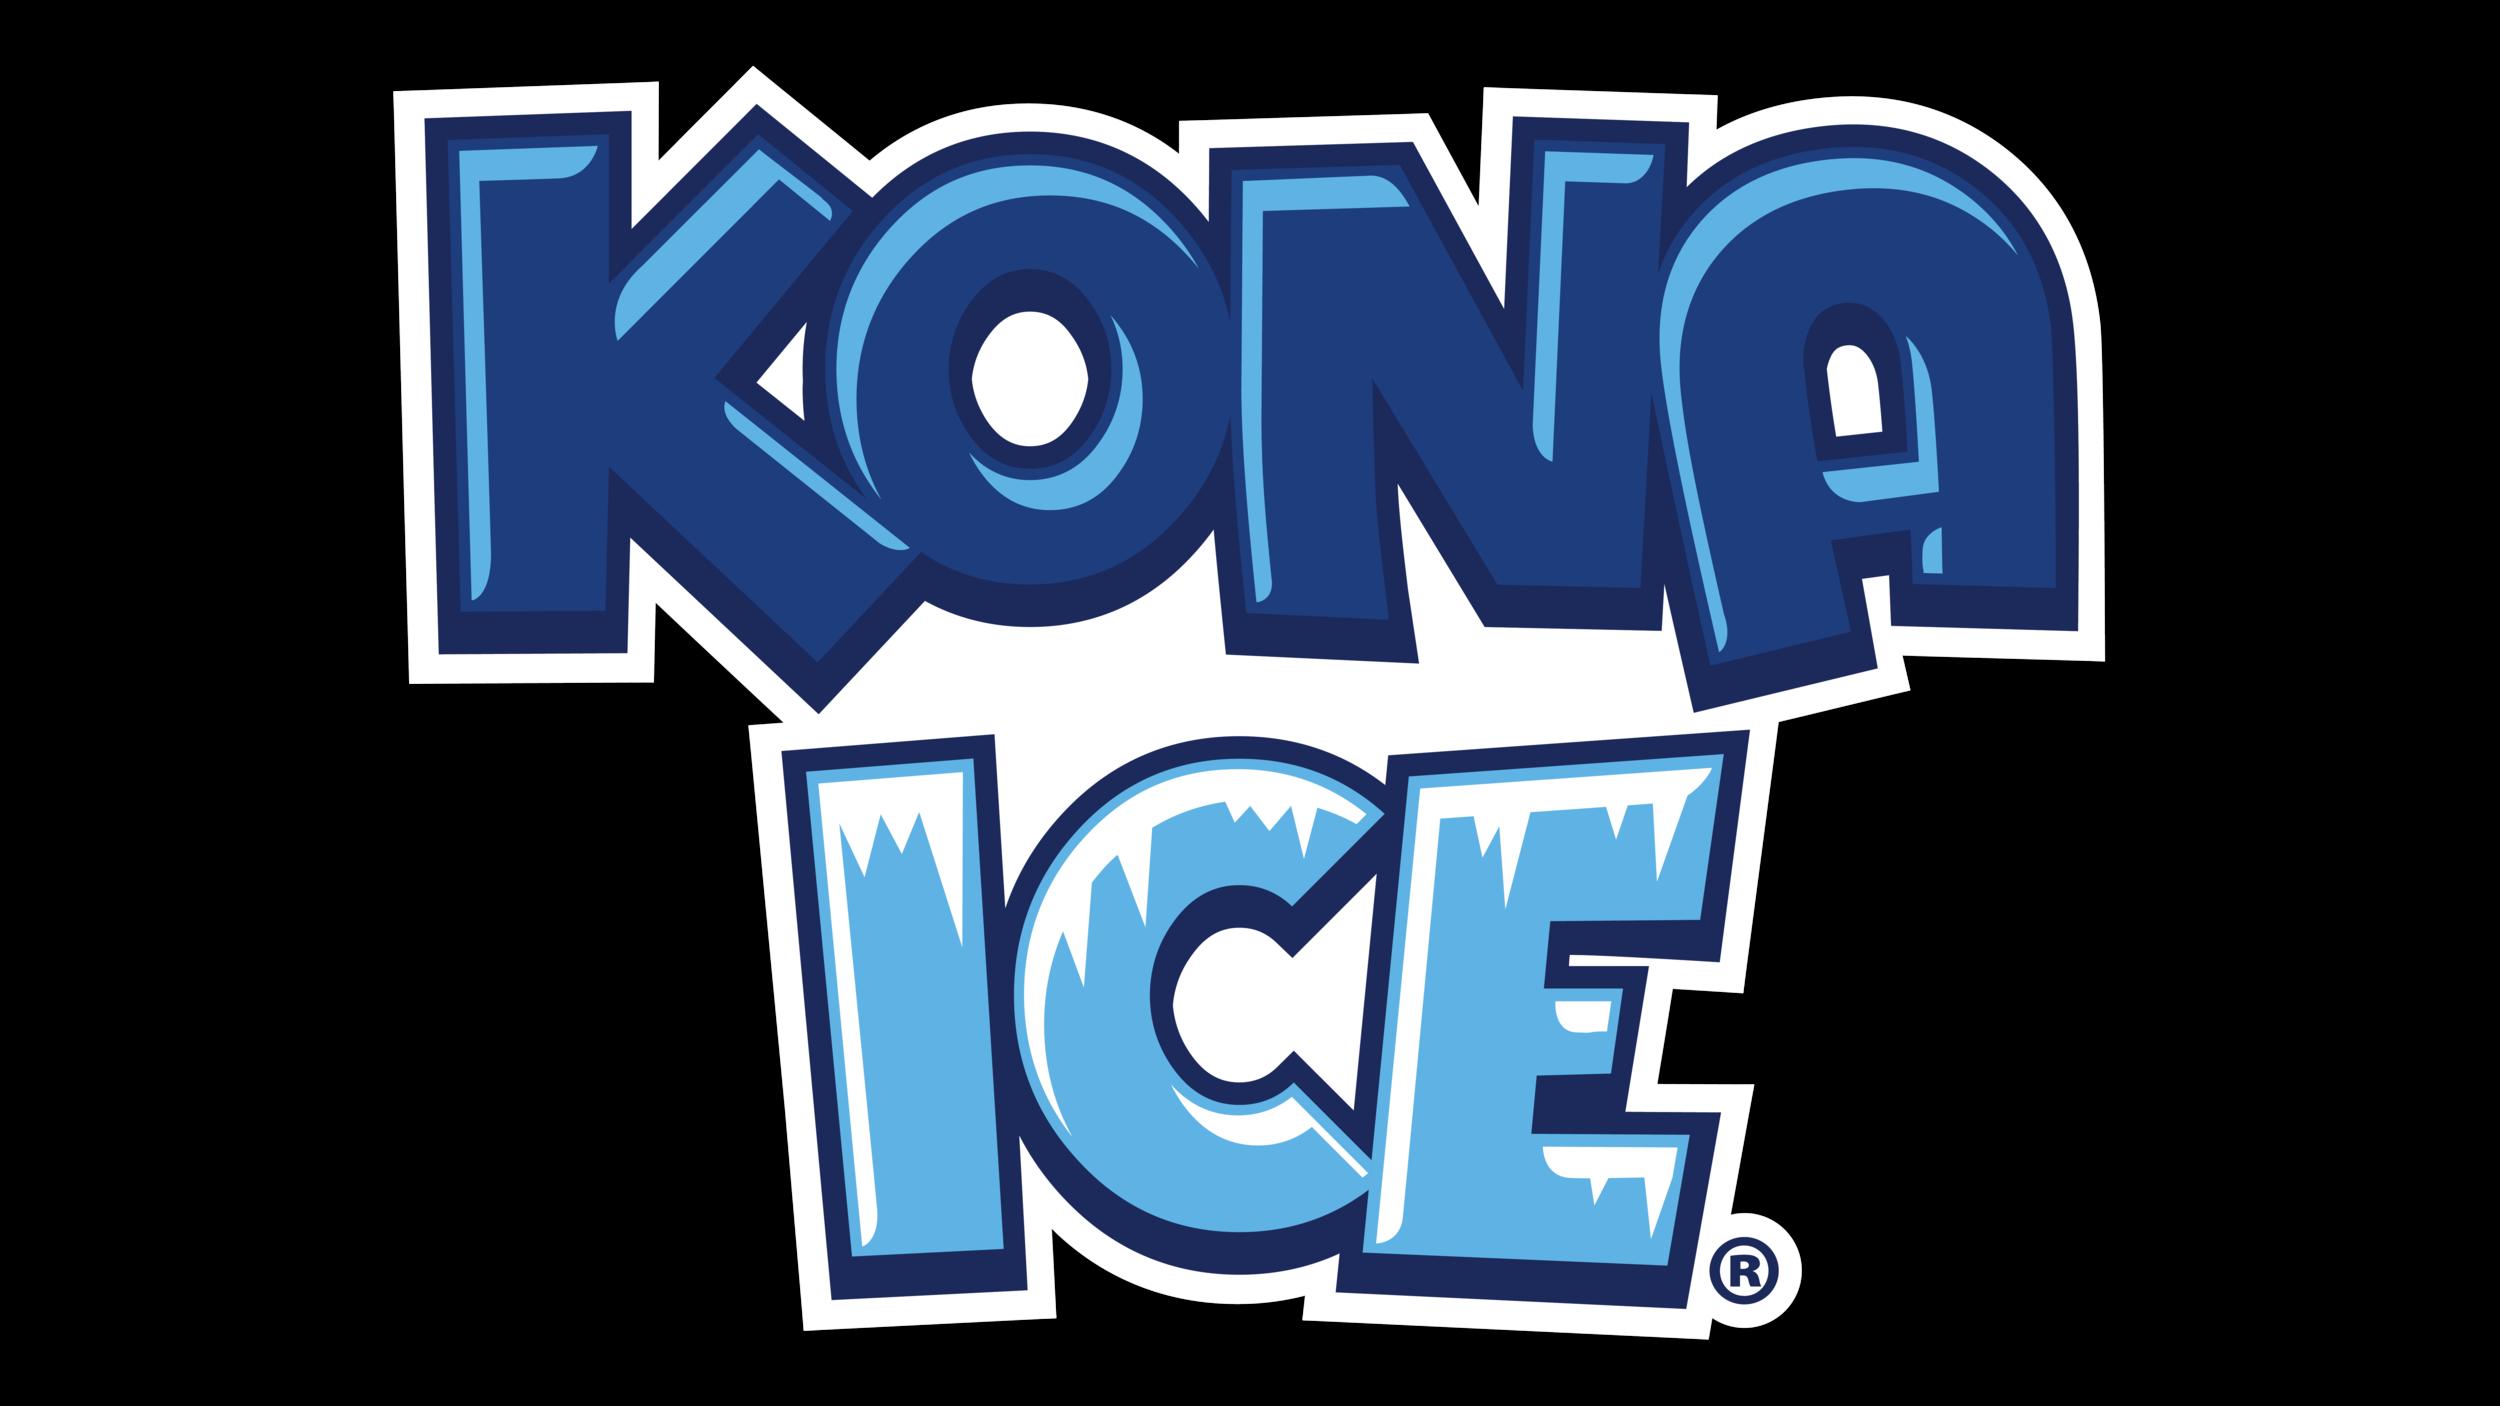 Silver Sponsor ($250-$499) - www.kona-ice.com